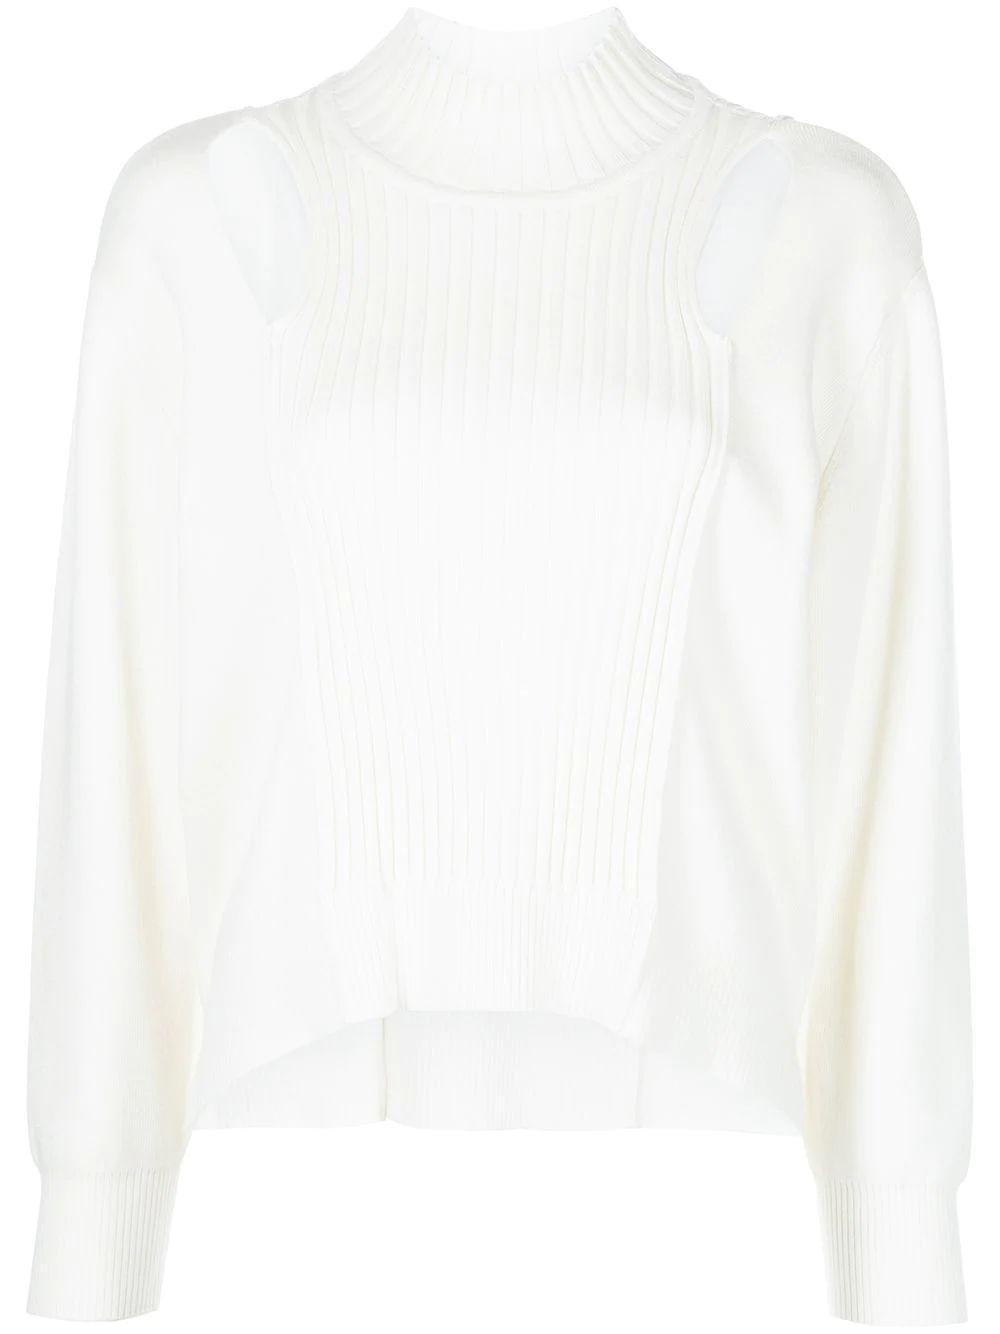 Yvette Recycled Knitwear Turtleneck Item # 421-2066-K